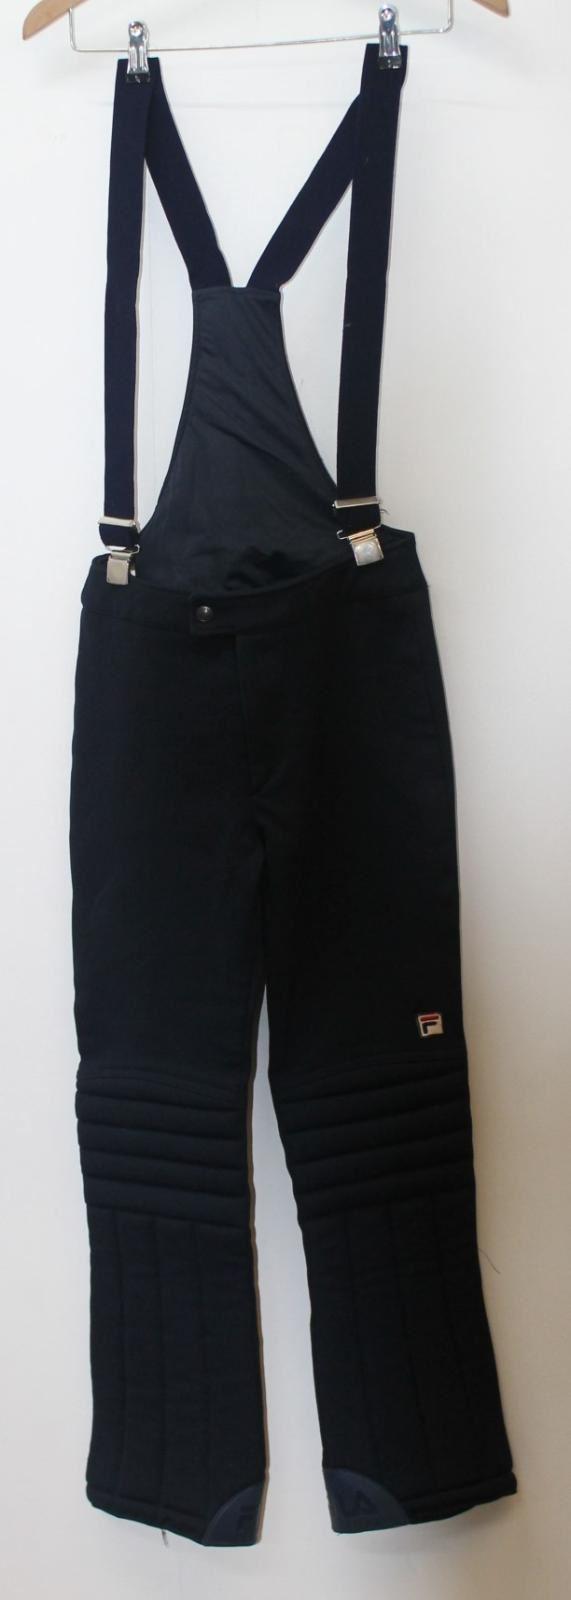 FILA Men's Downhill Thermal Dark bluee Ski & Snow Bibs Pants Trousers Size L